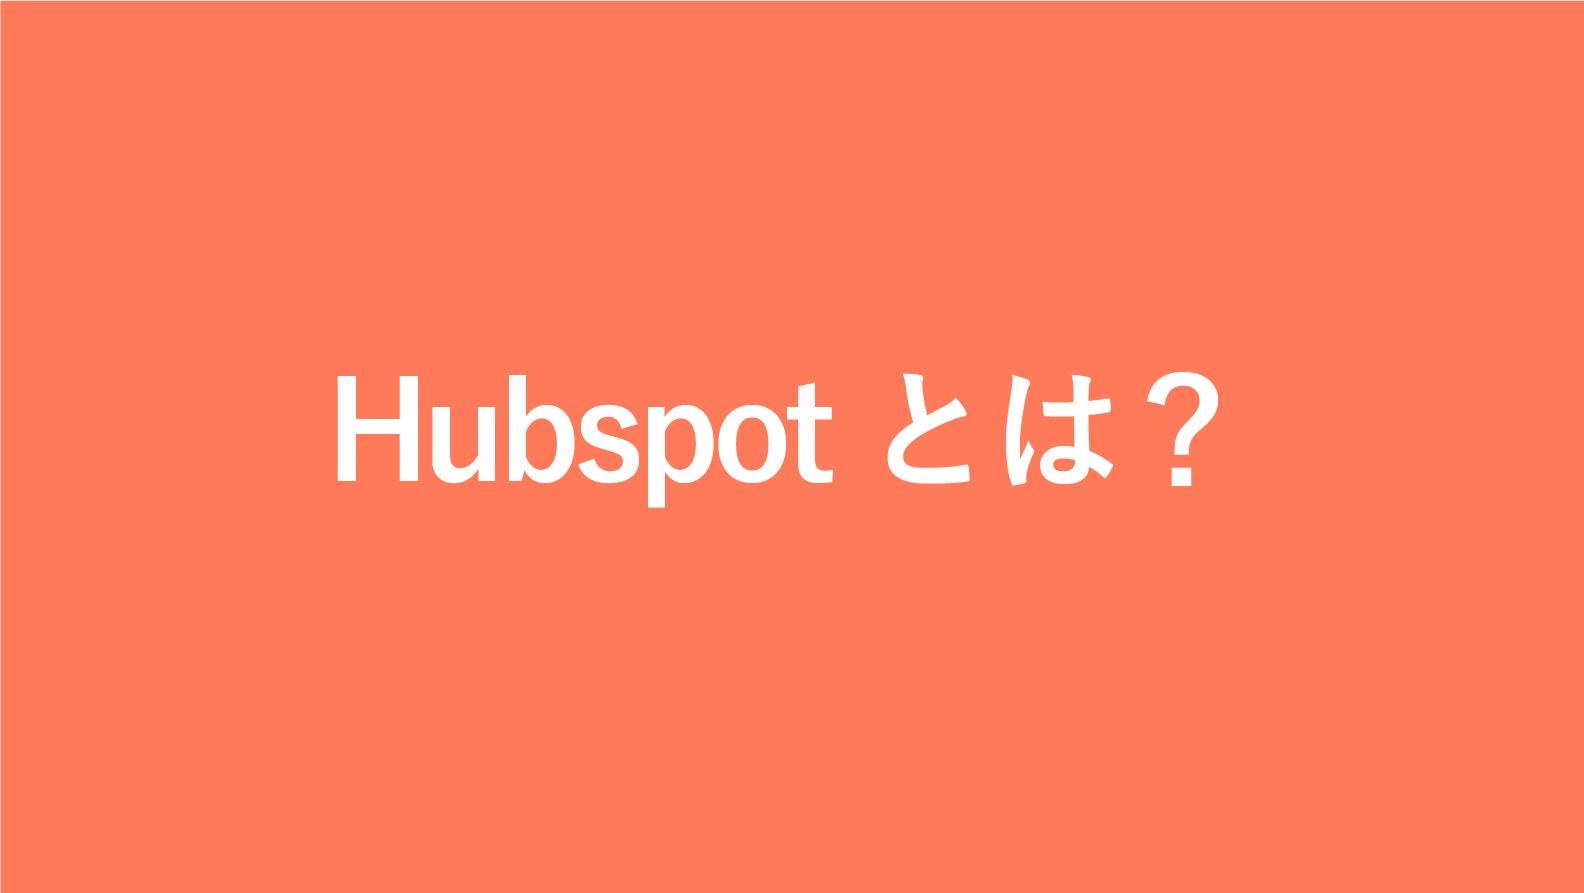 HubSpot(ハブスポット)とは?特徴や機能を解説